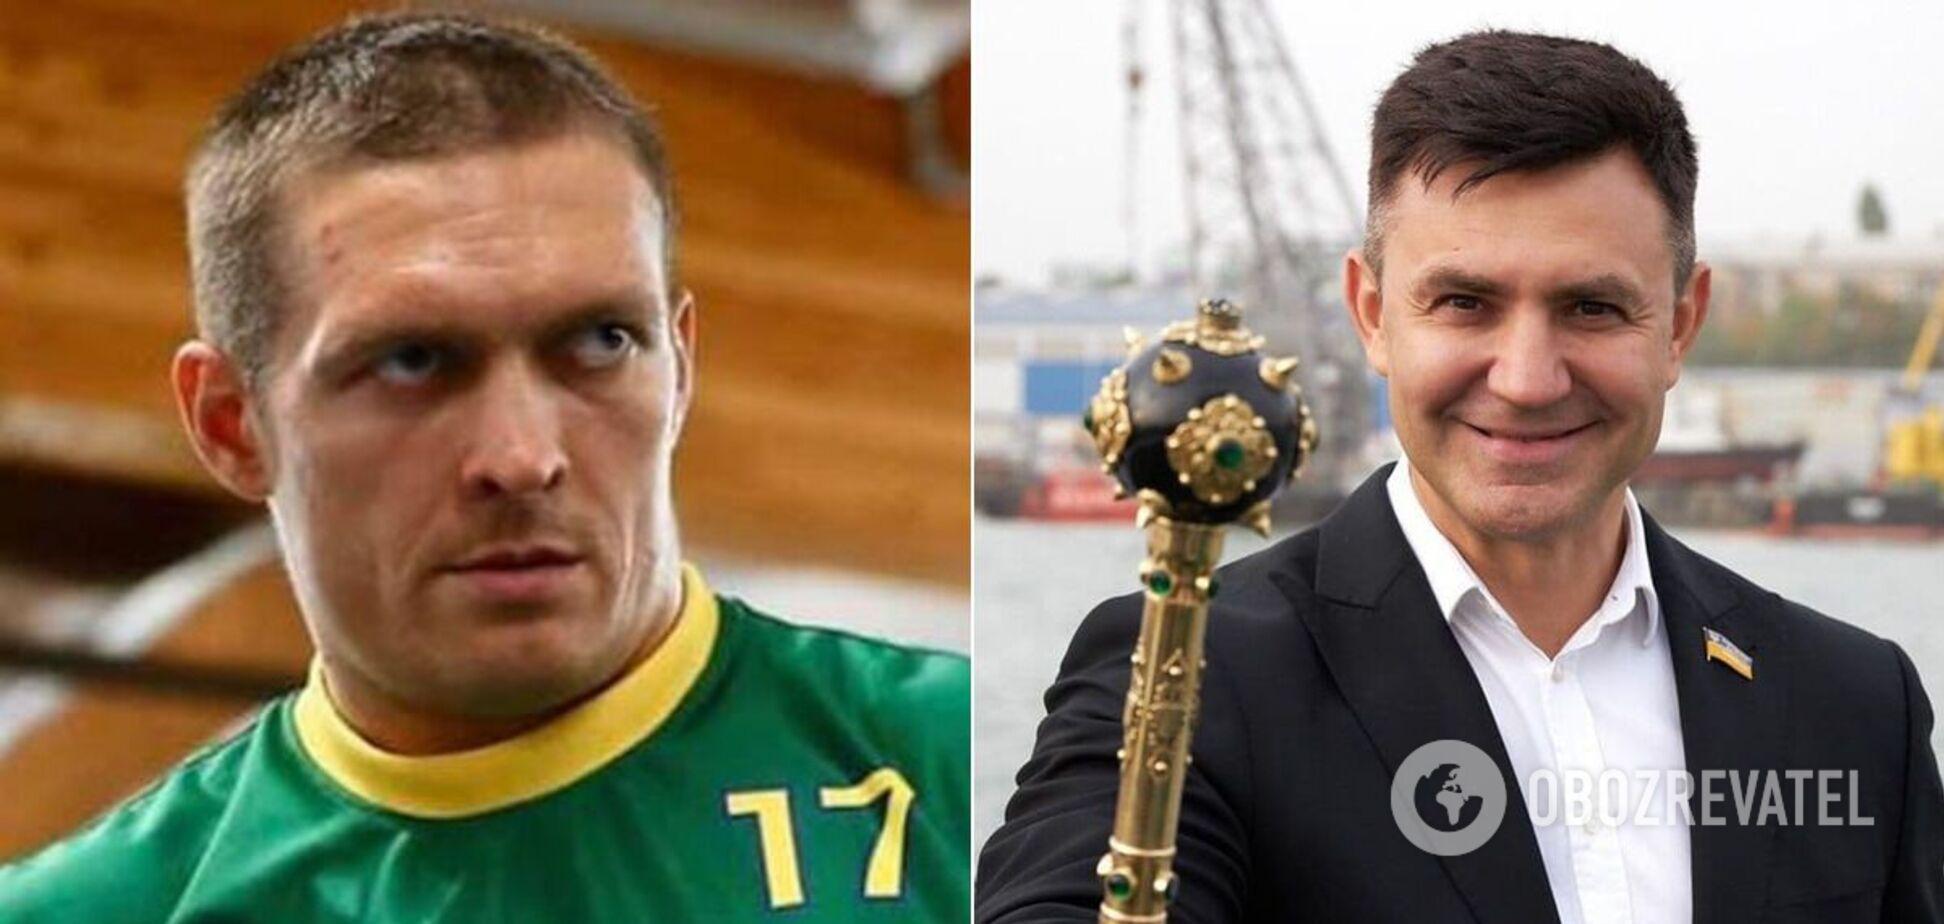 Тищенко с ошибками поздравил Усика с победой спустя два дня